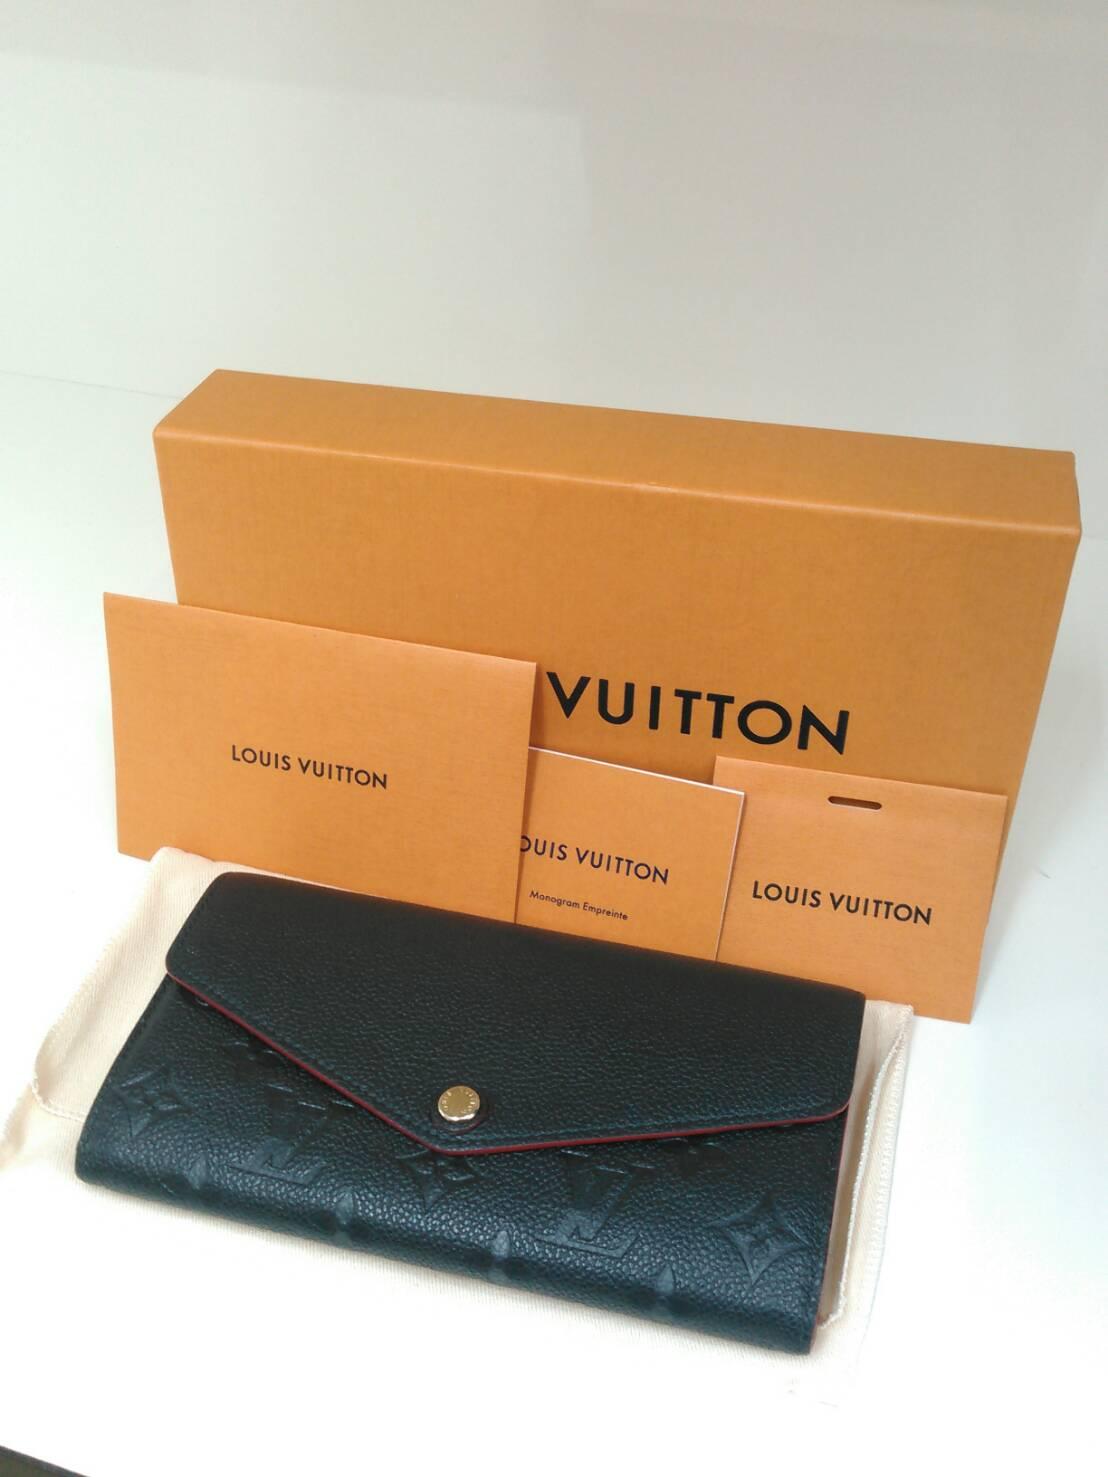 LOUIS VUITTON ルイヴィトン ポルトフォイユ サラ アンプラント マリーヌルージュ M6425 長財布 買取致しました!!の買取-